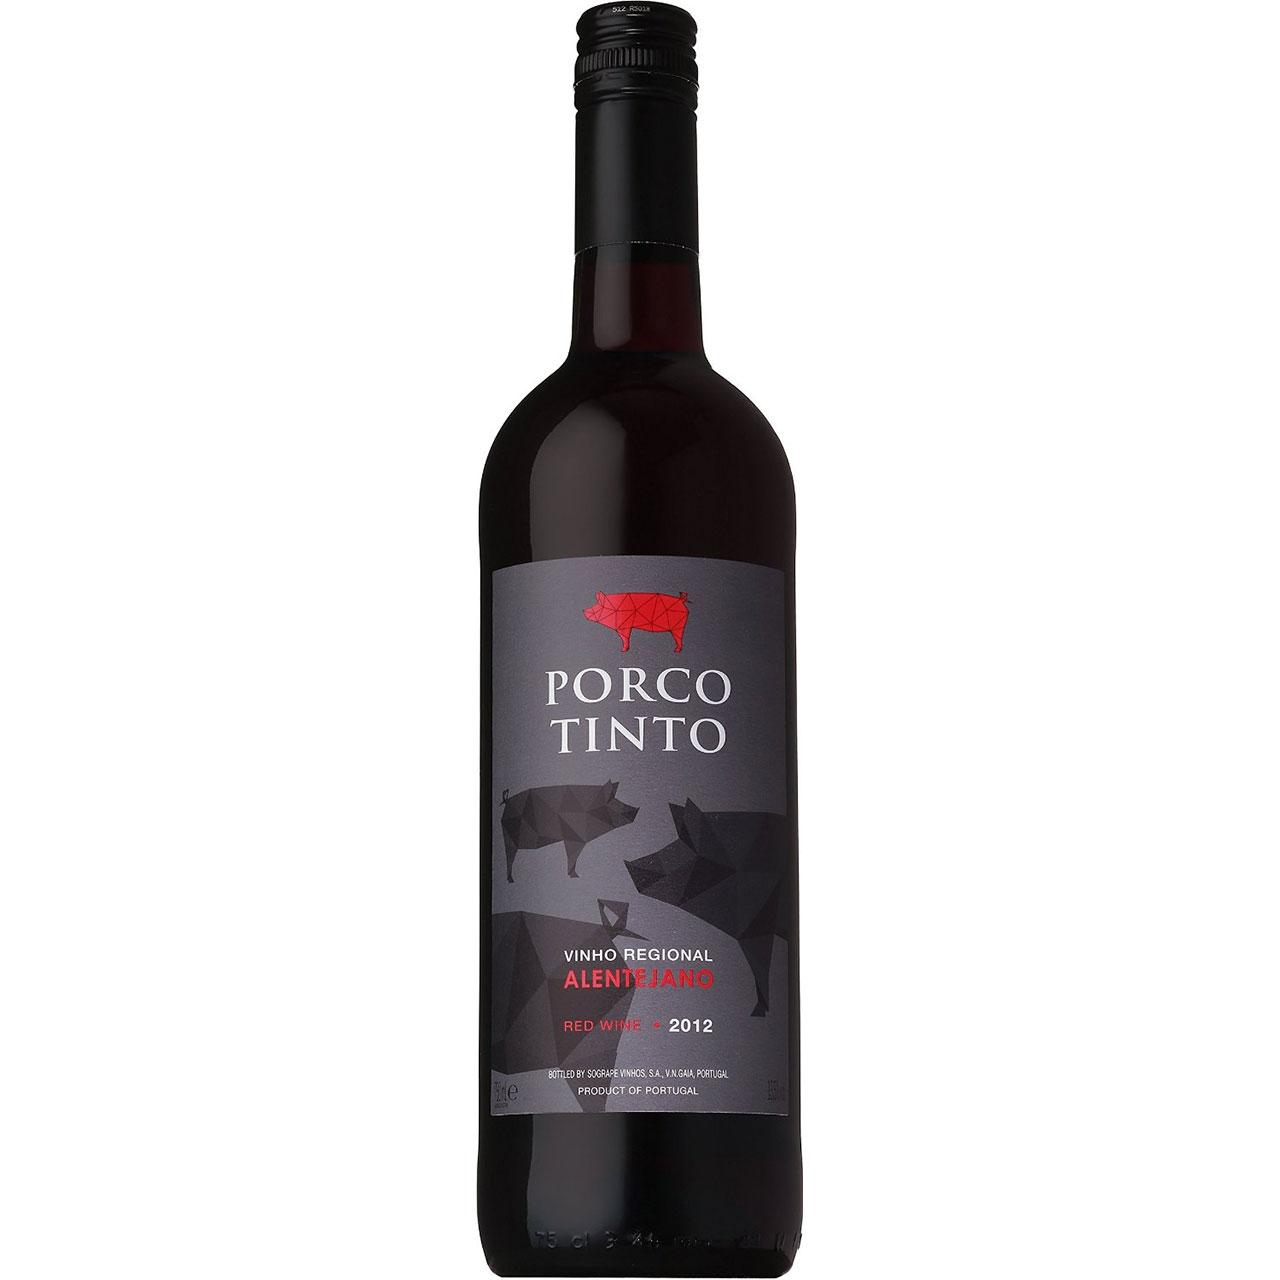 父の日 プレゼント ギフト 肉食系赤ワイン ポルコ ティント 750ml ポルトガル 白ワイン ケース販売 ヴィンテージ管理しておりません、変わる場合があります ラッキーシール対応